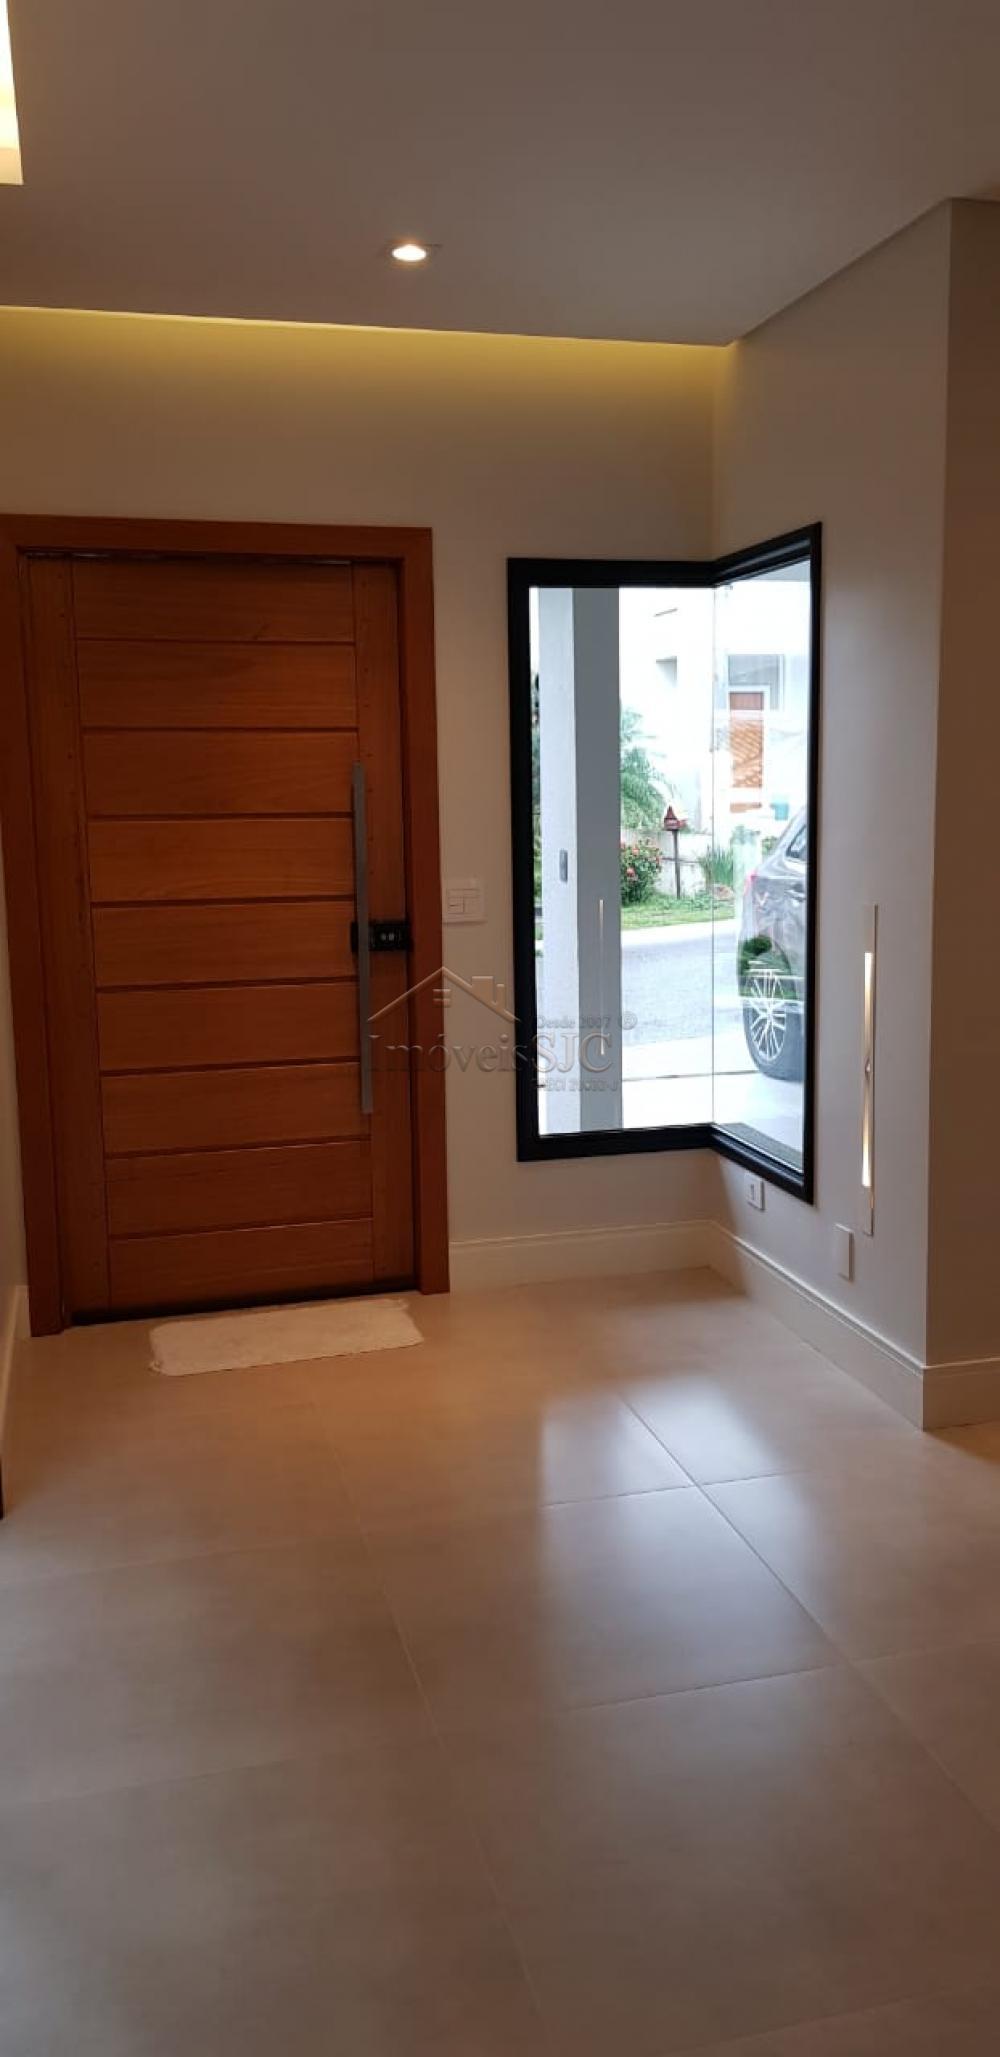 Comprar Casas / Condomínio em São José dos Campos apenas R$ 1.295.000,00 - Foto 4